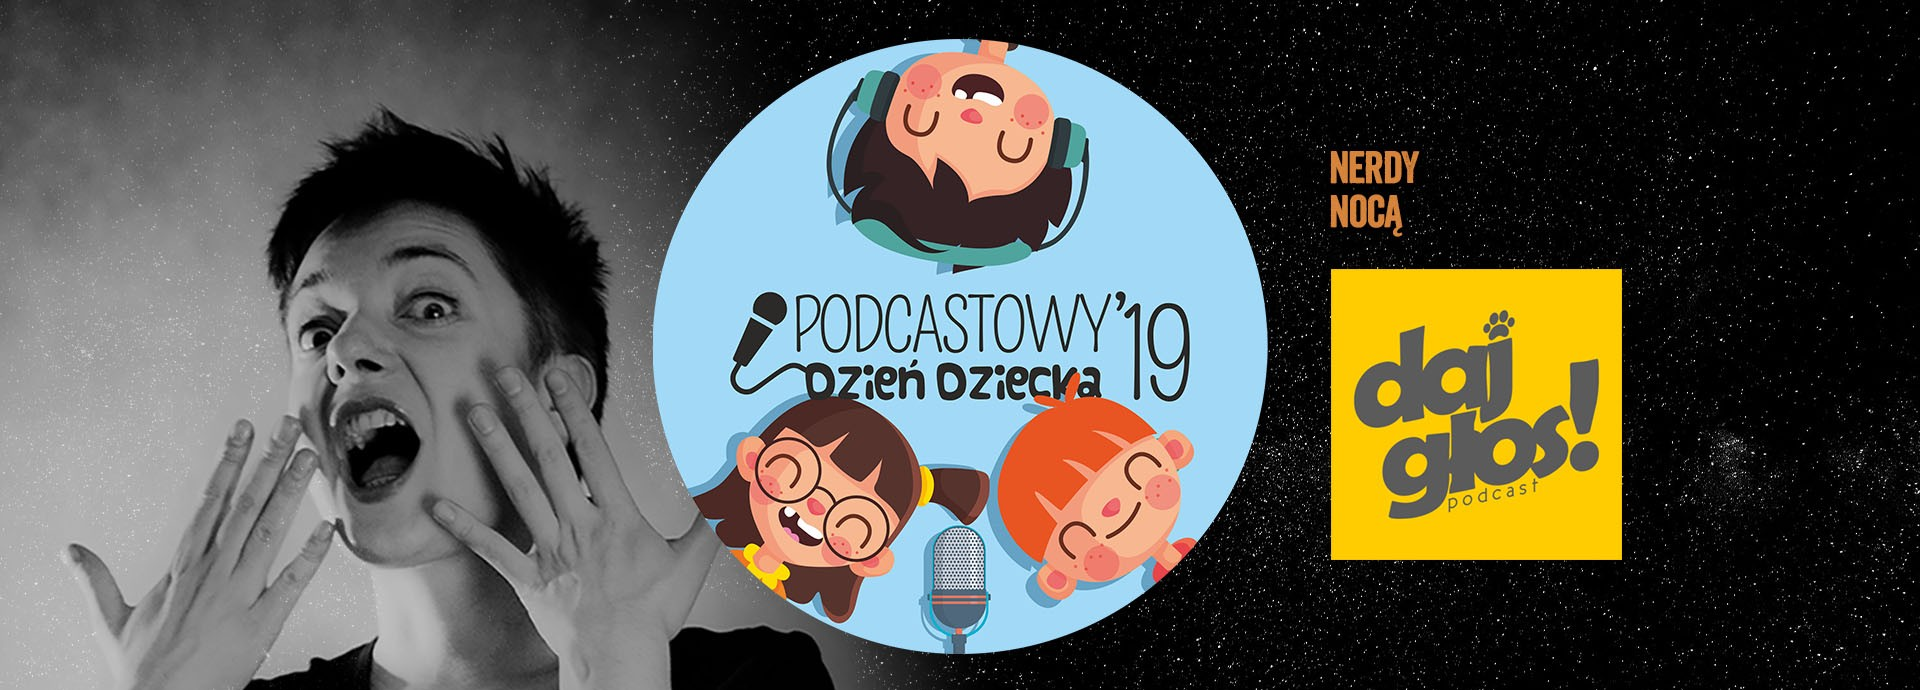 ## Podcastowy Dzień Dziecka 2019